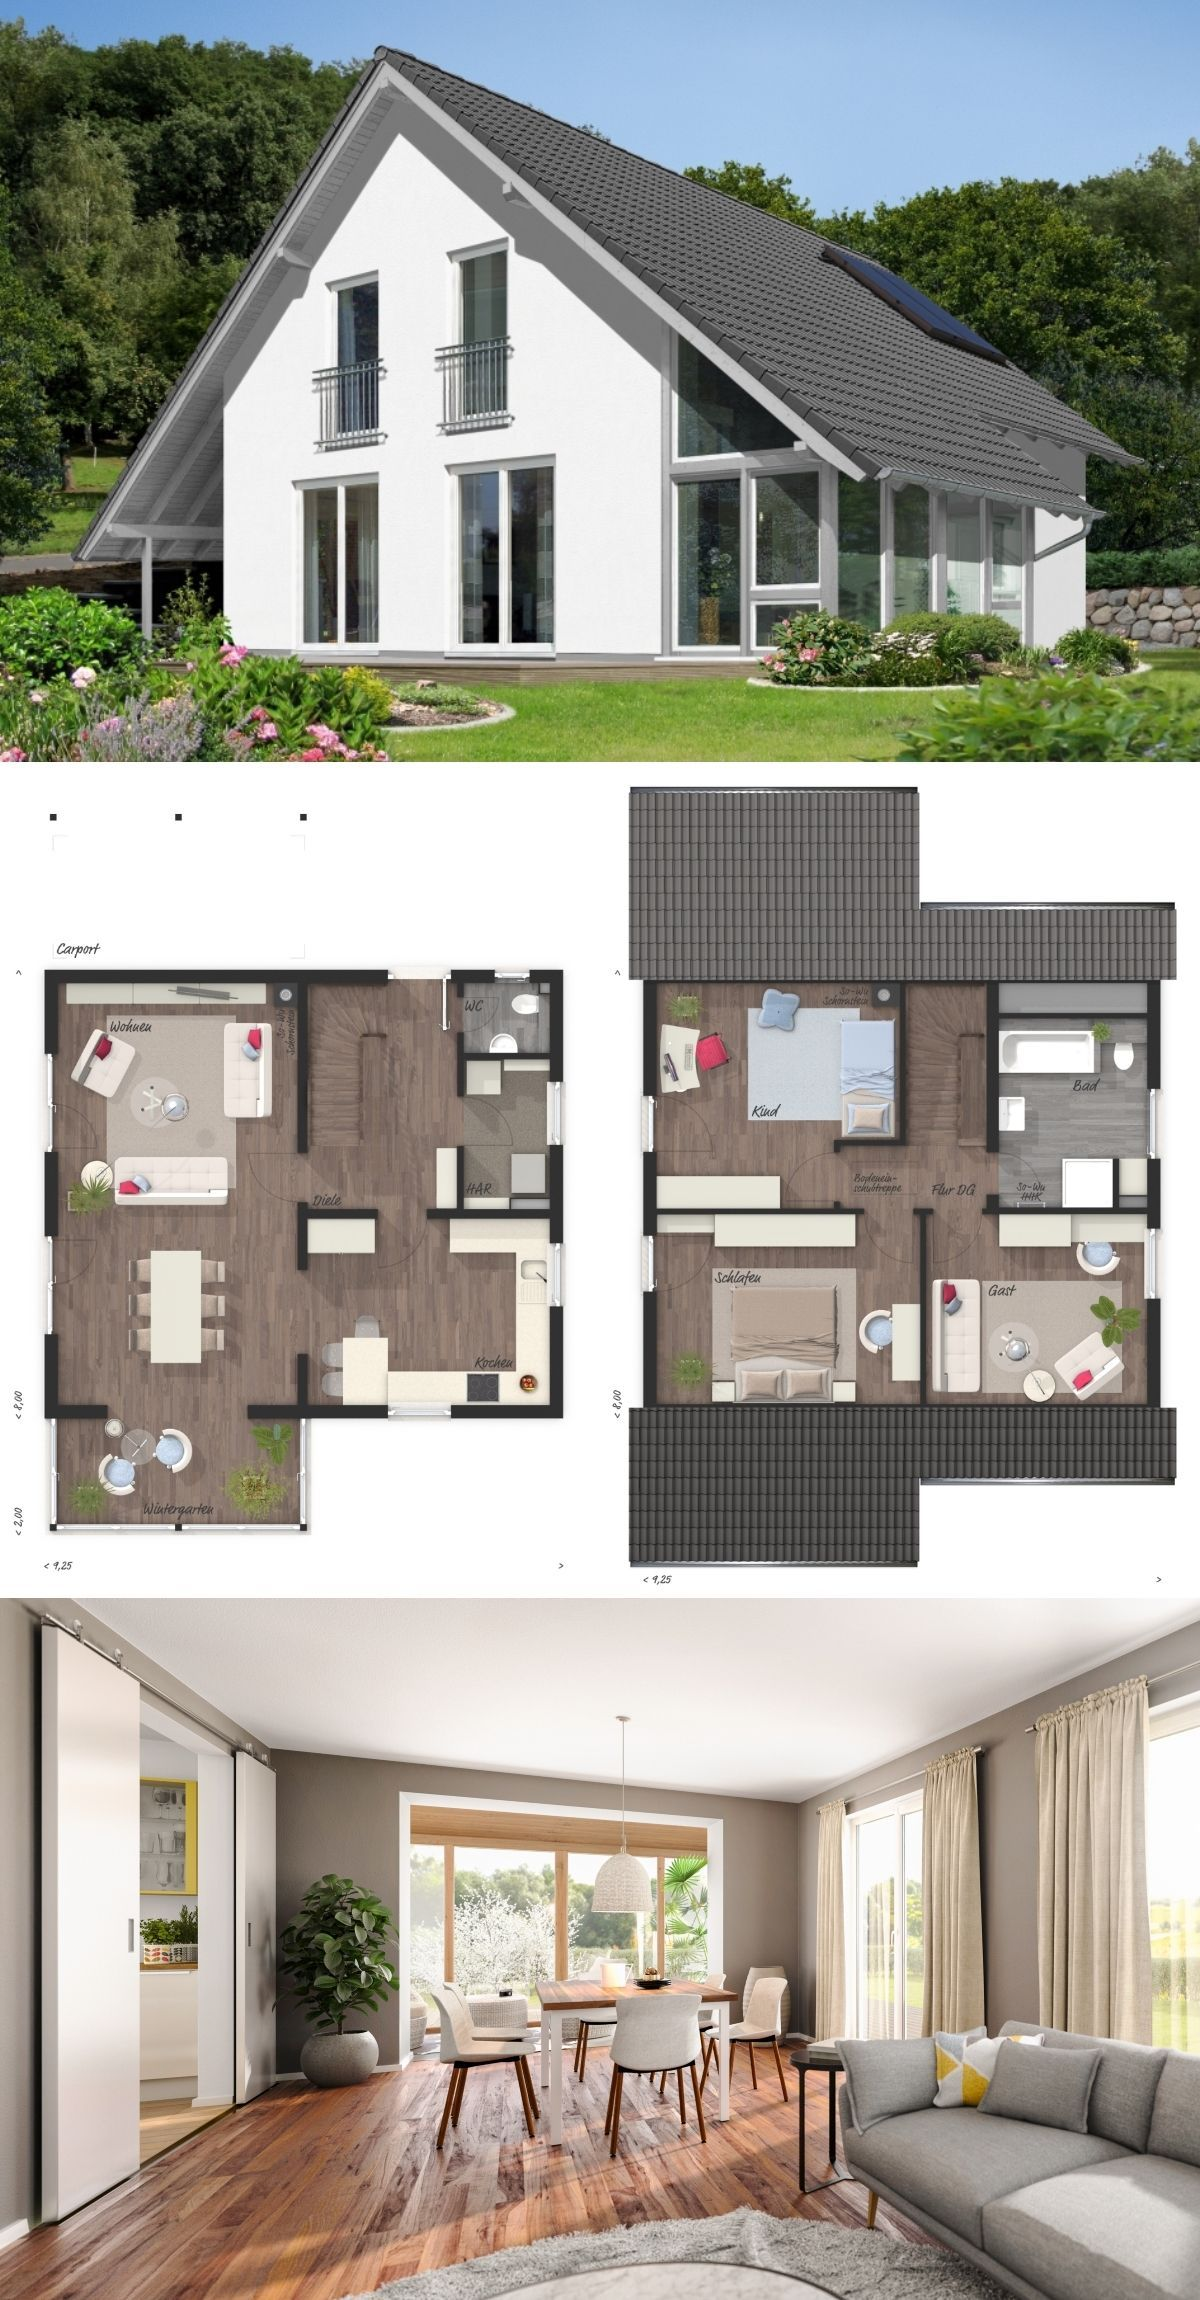 Modernes Haus Design Mit Wintergarten Anbau Satteldach Architektur